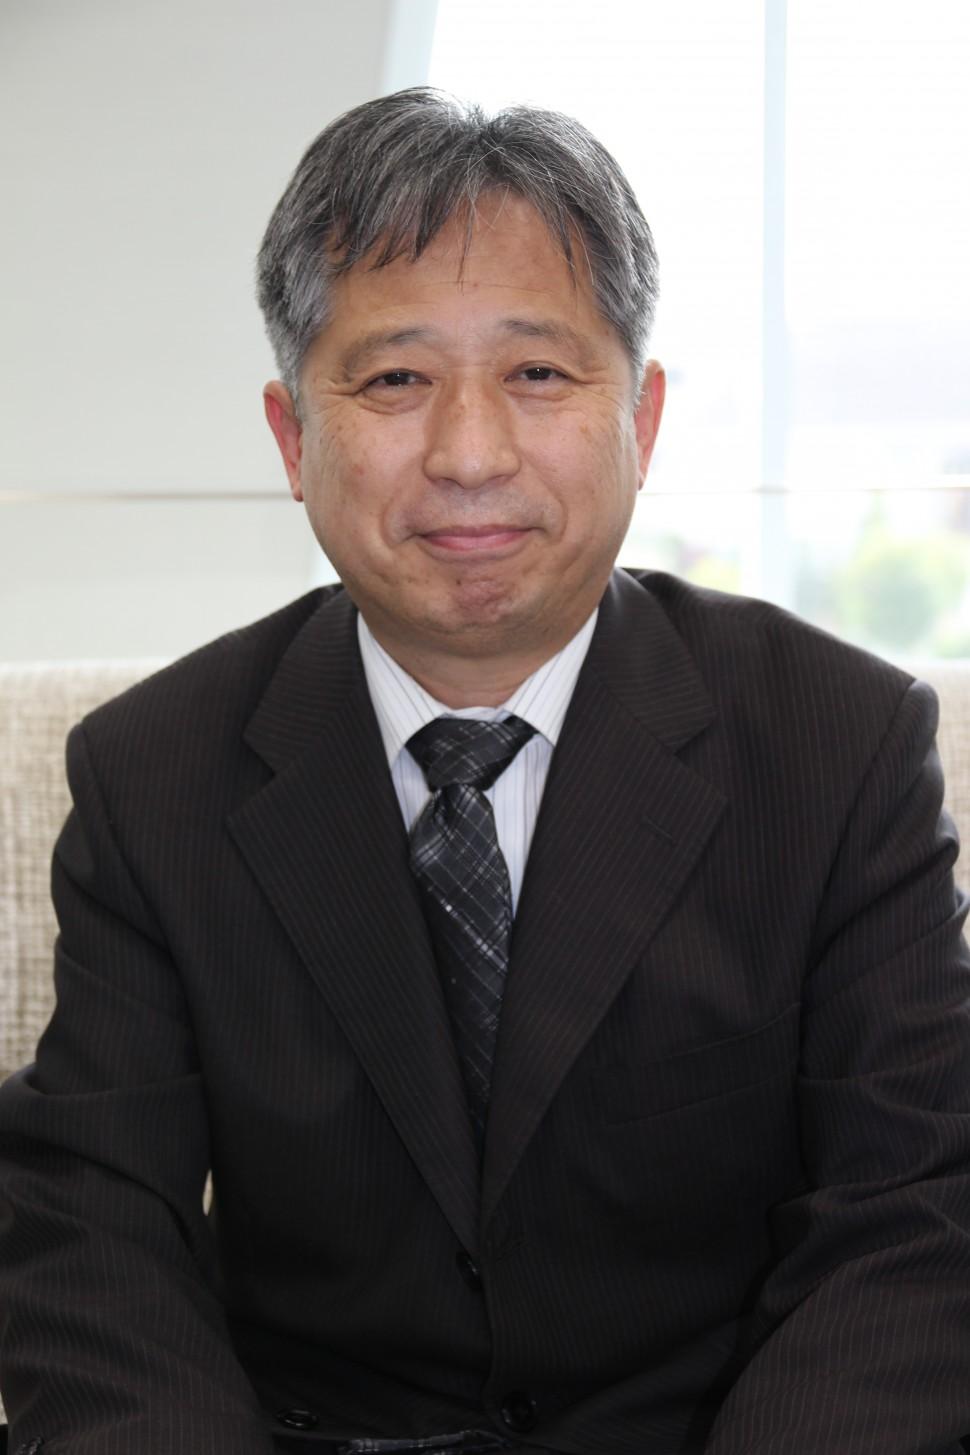 G技術本部・材料技術部の川治信介部長